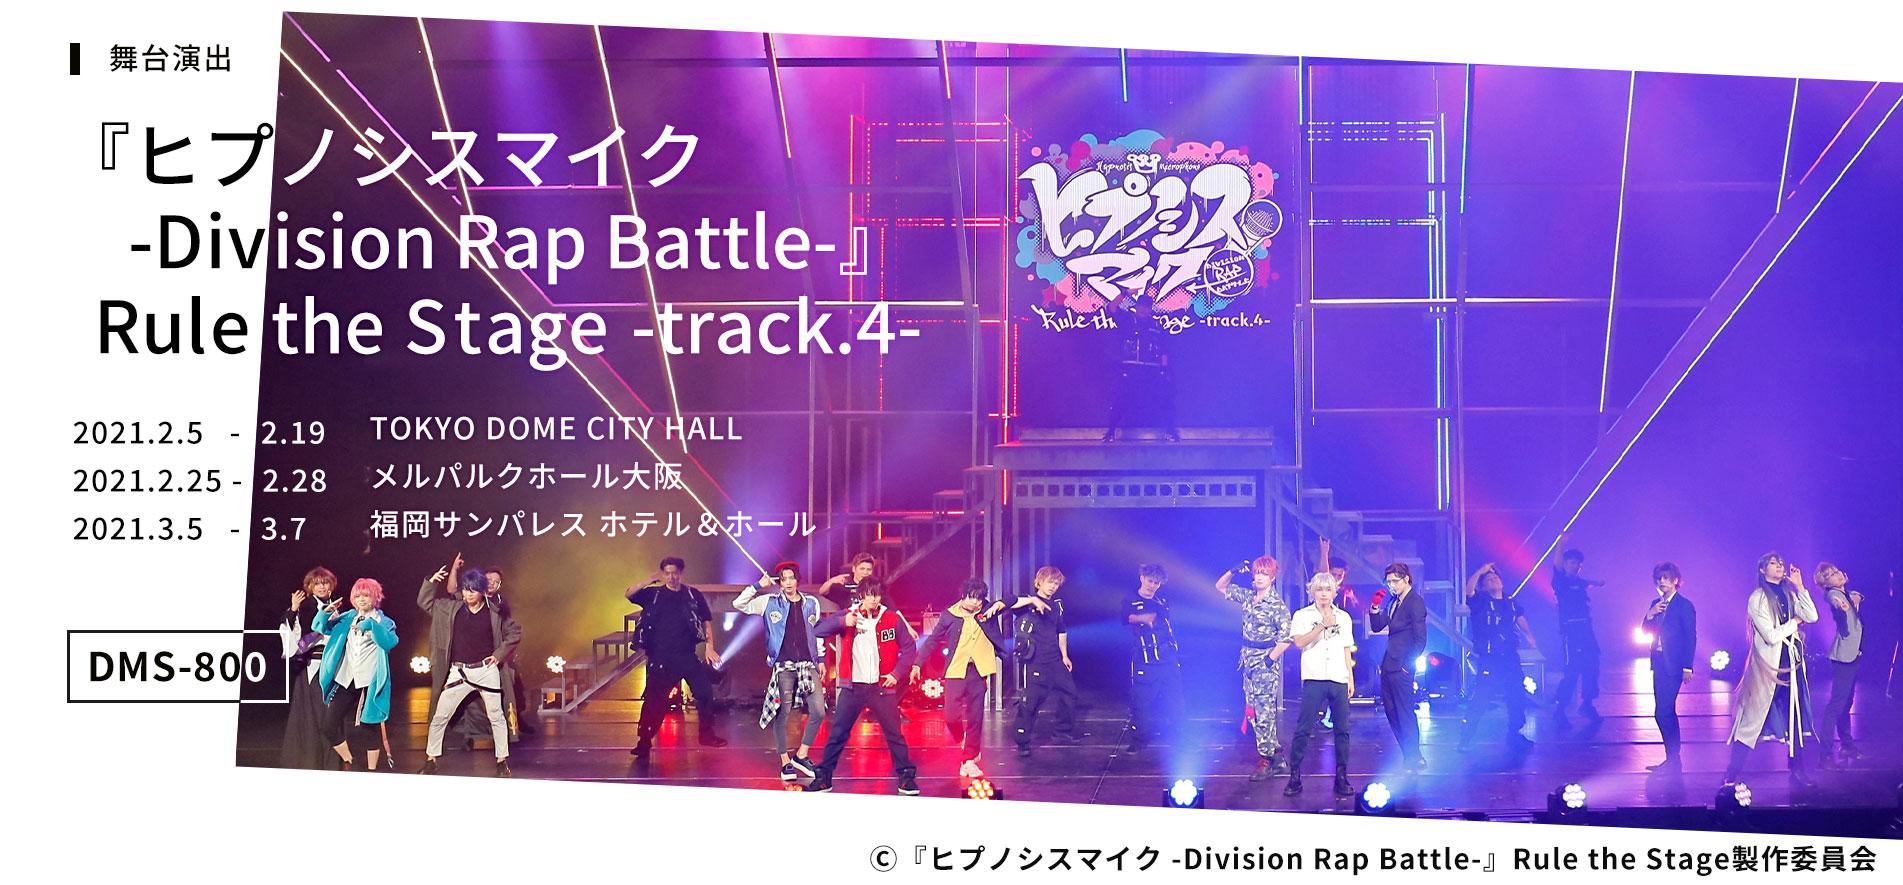 『ヒプノシスマイク -Division Rap Battle-』Rule the Stage -track.4-